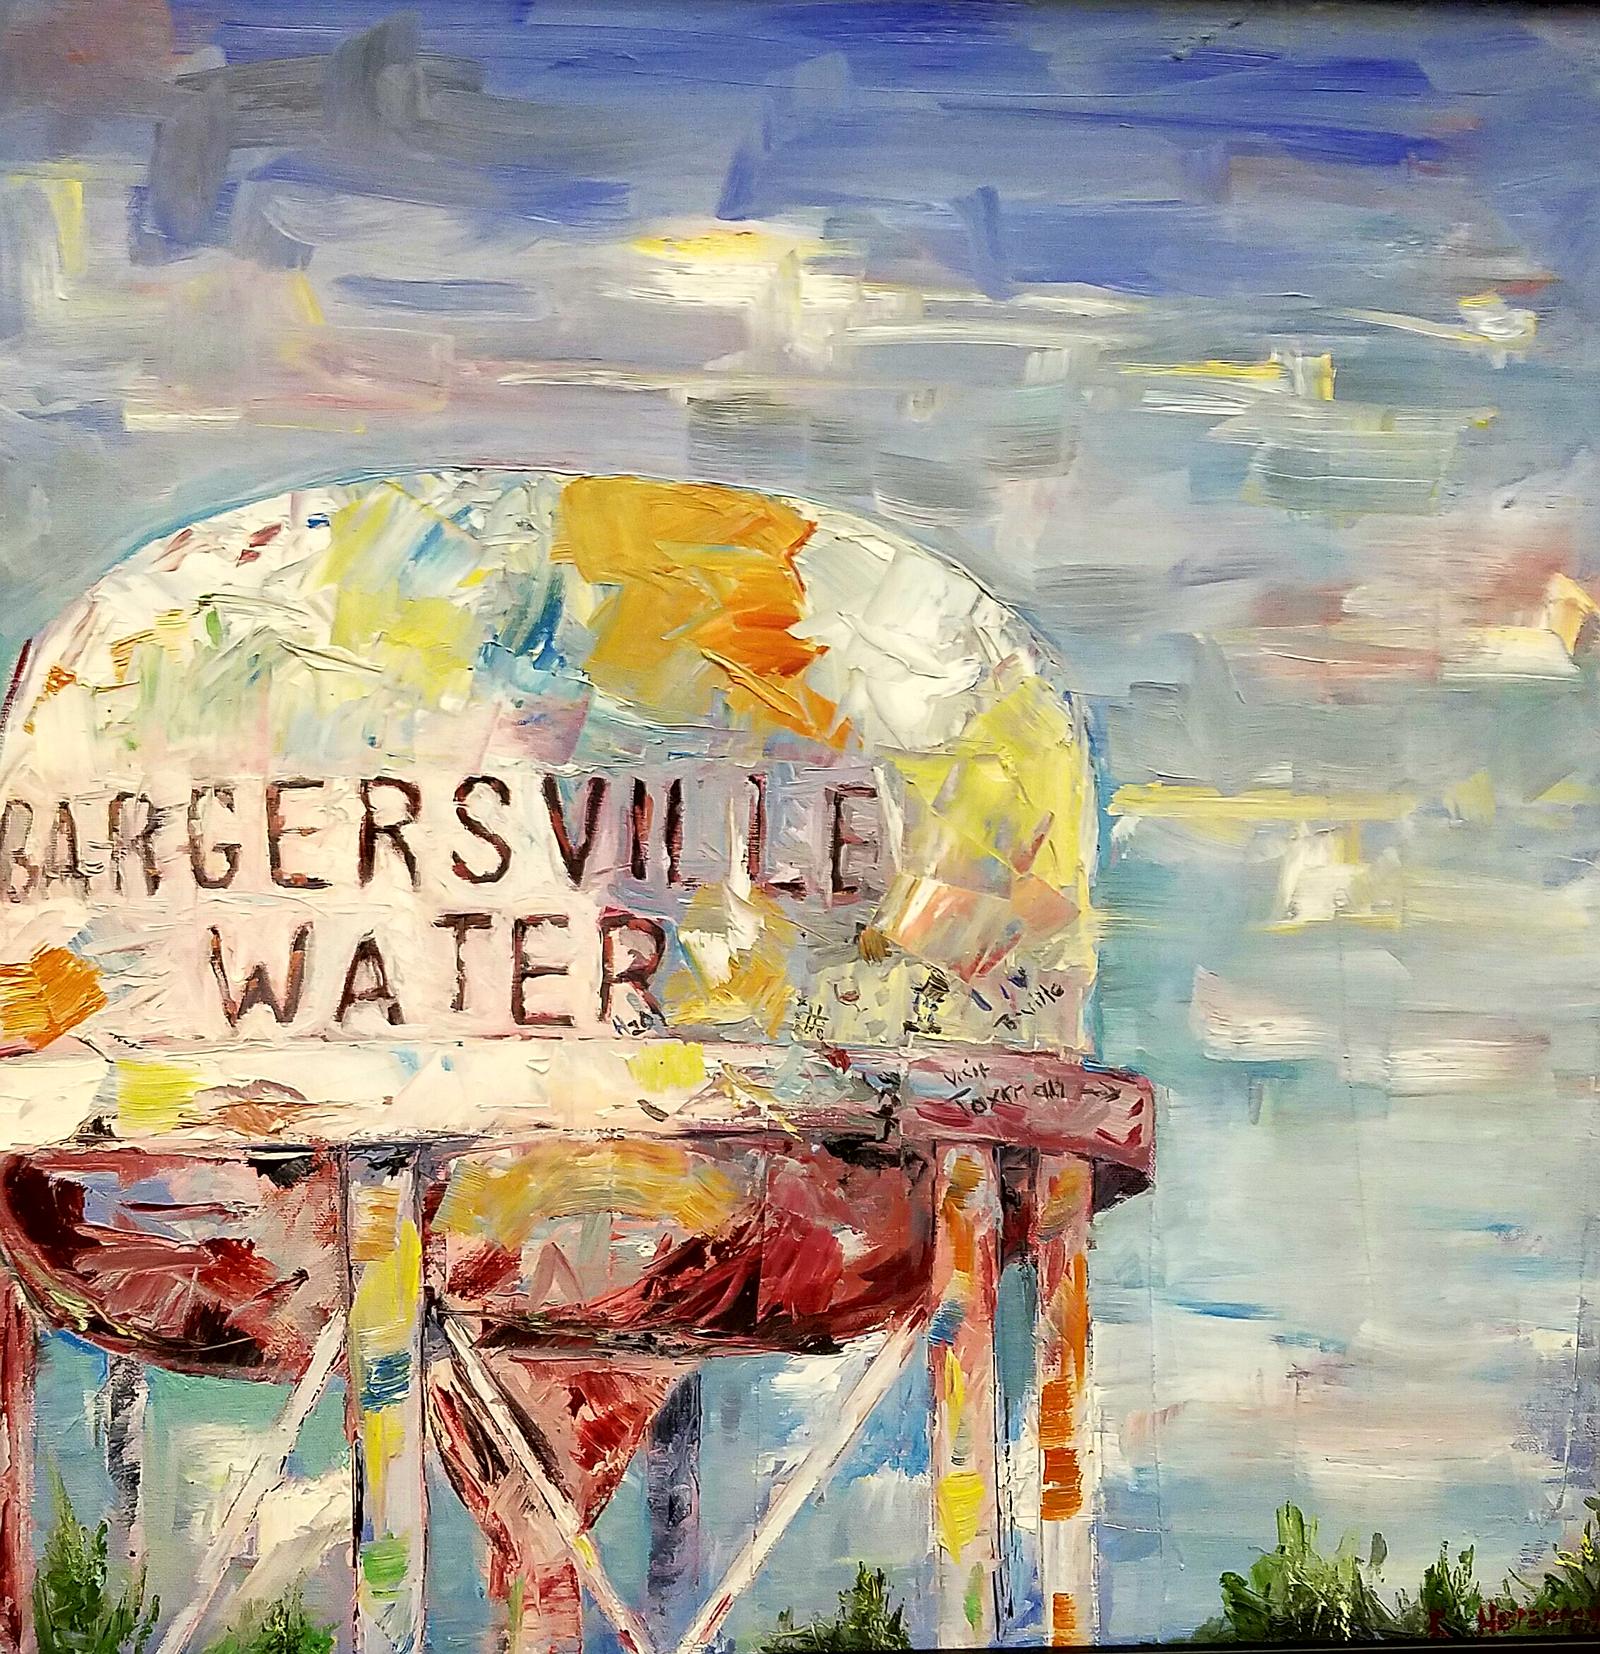 art uncorked 2016 bargersville water tower